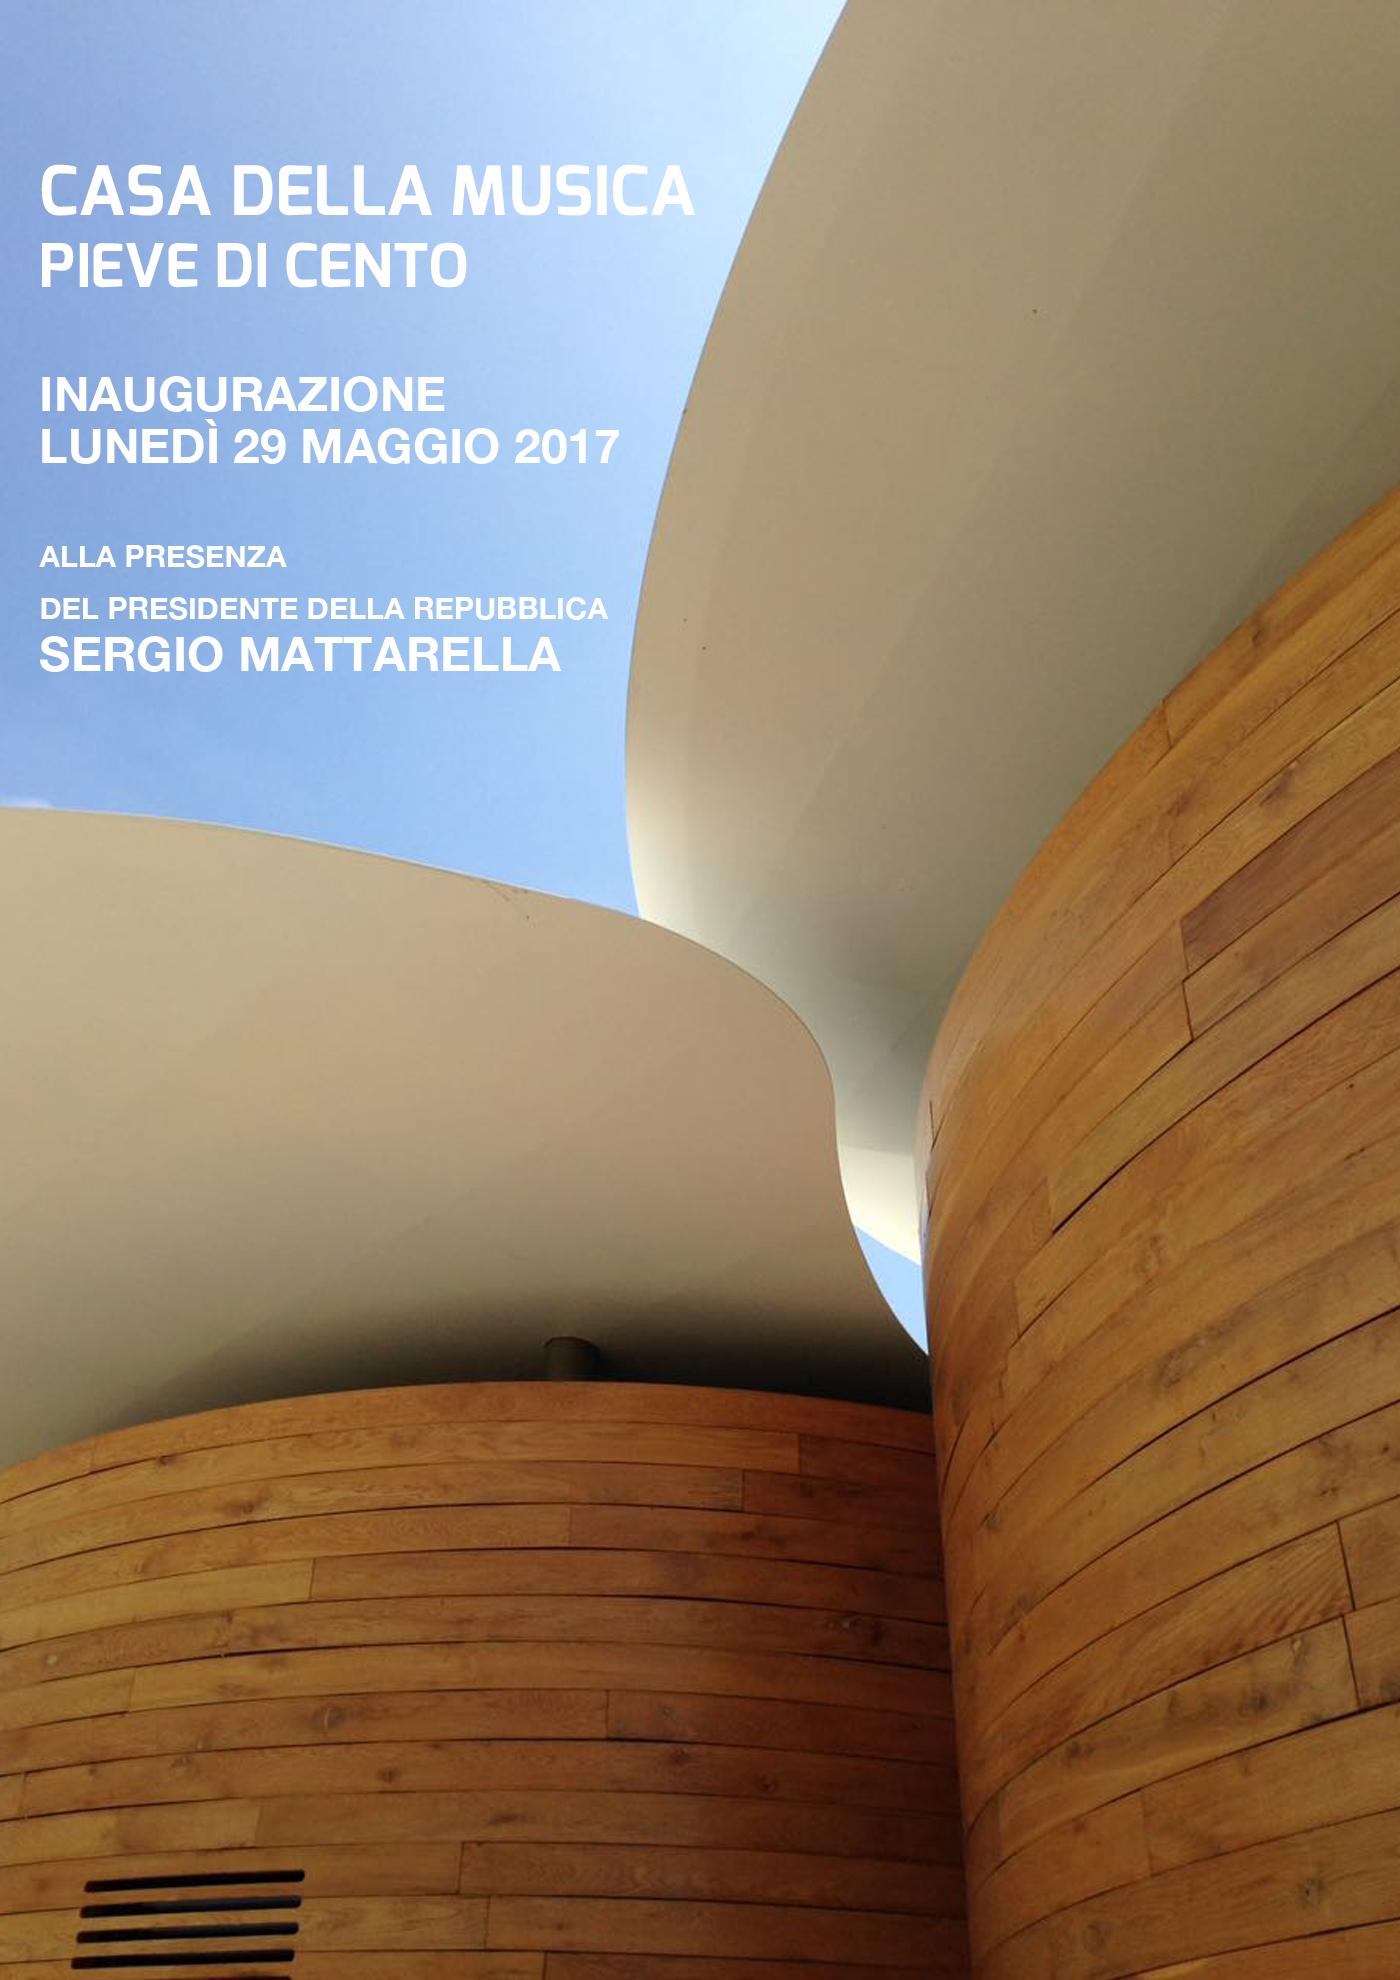 Inaugurazione della Casa della musica e visita del presidente Mattarella